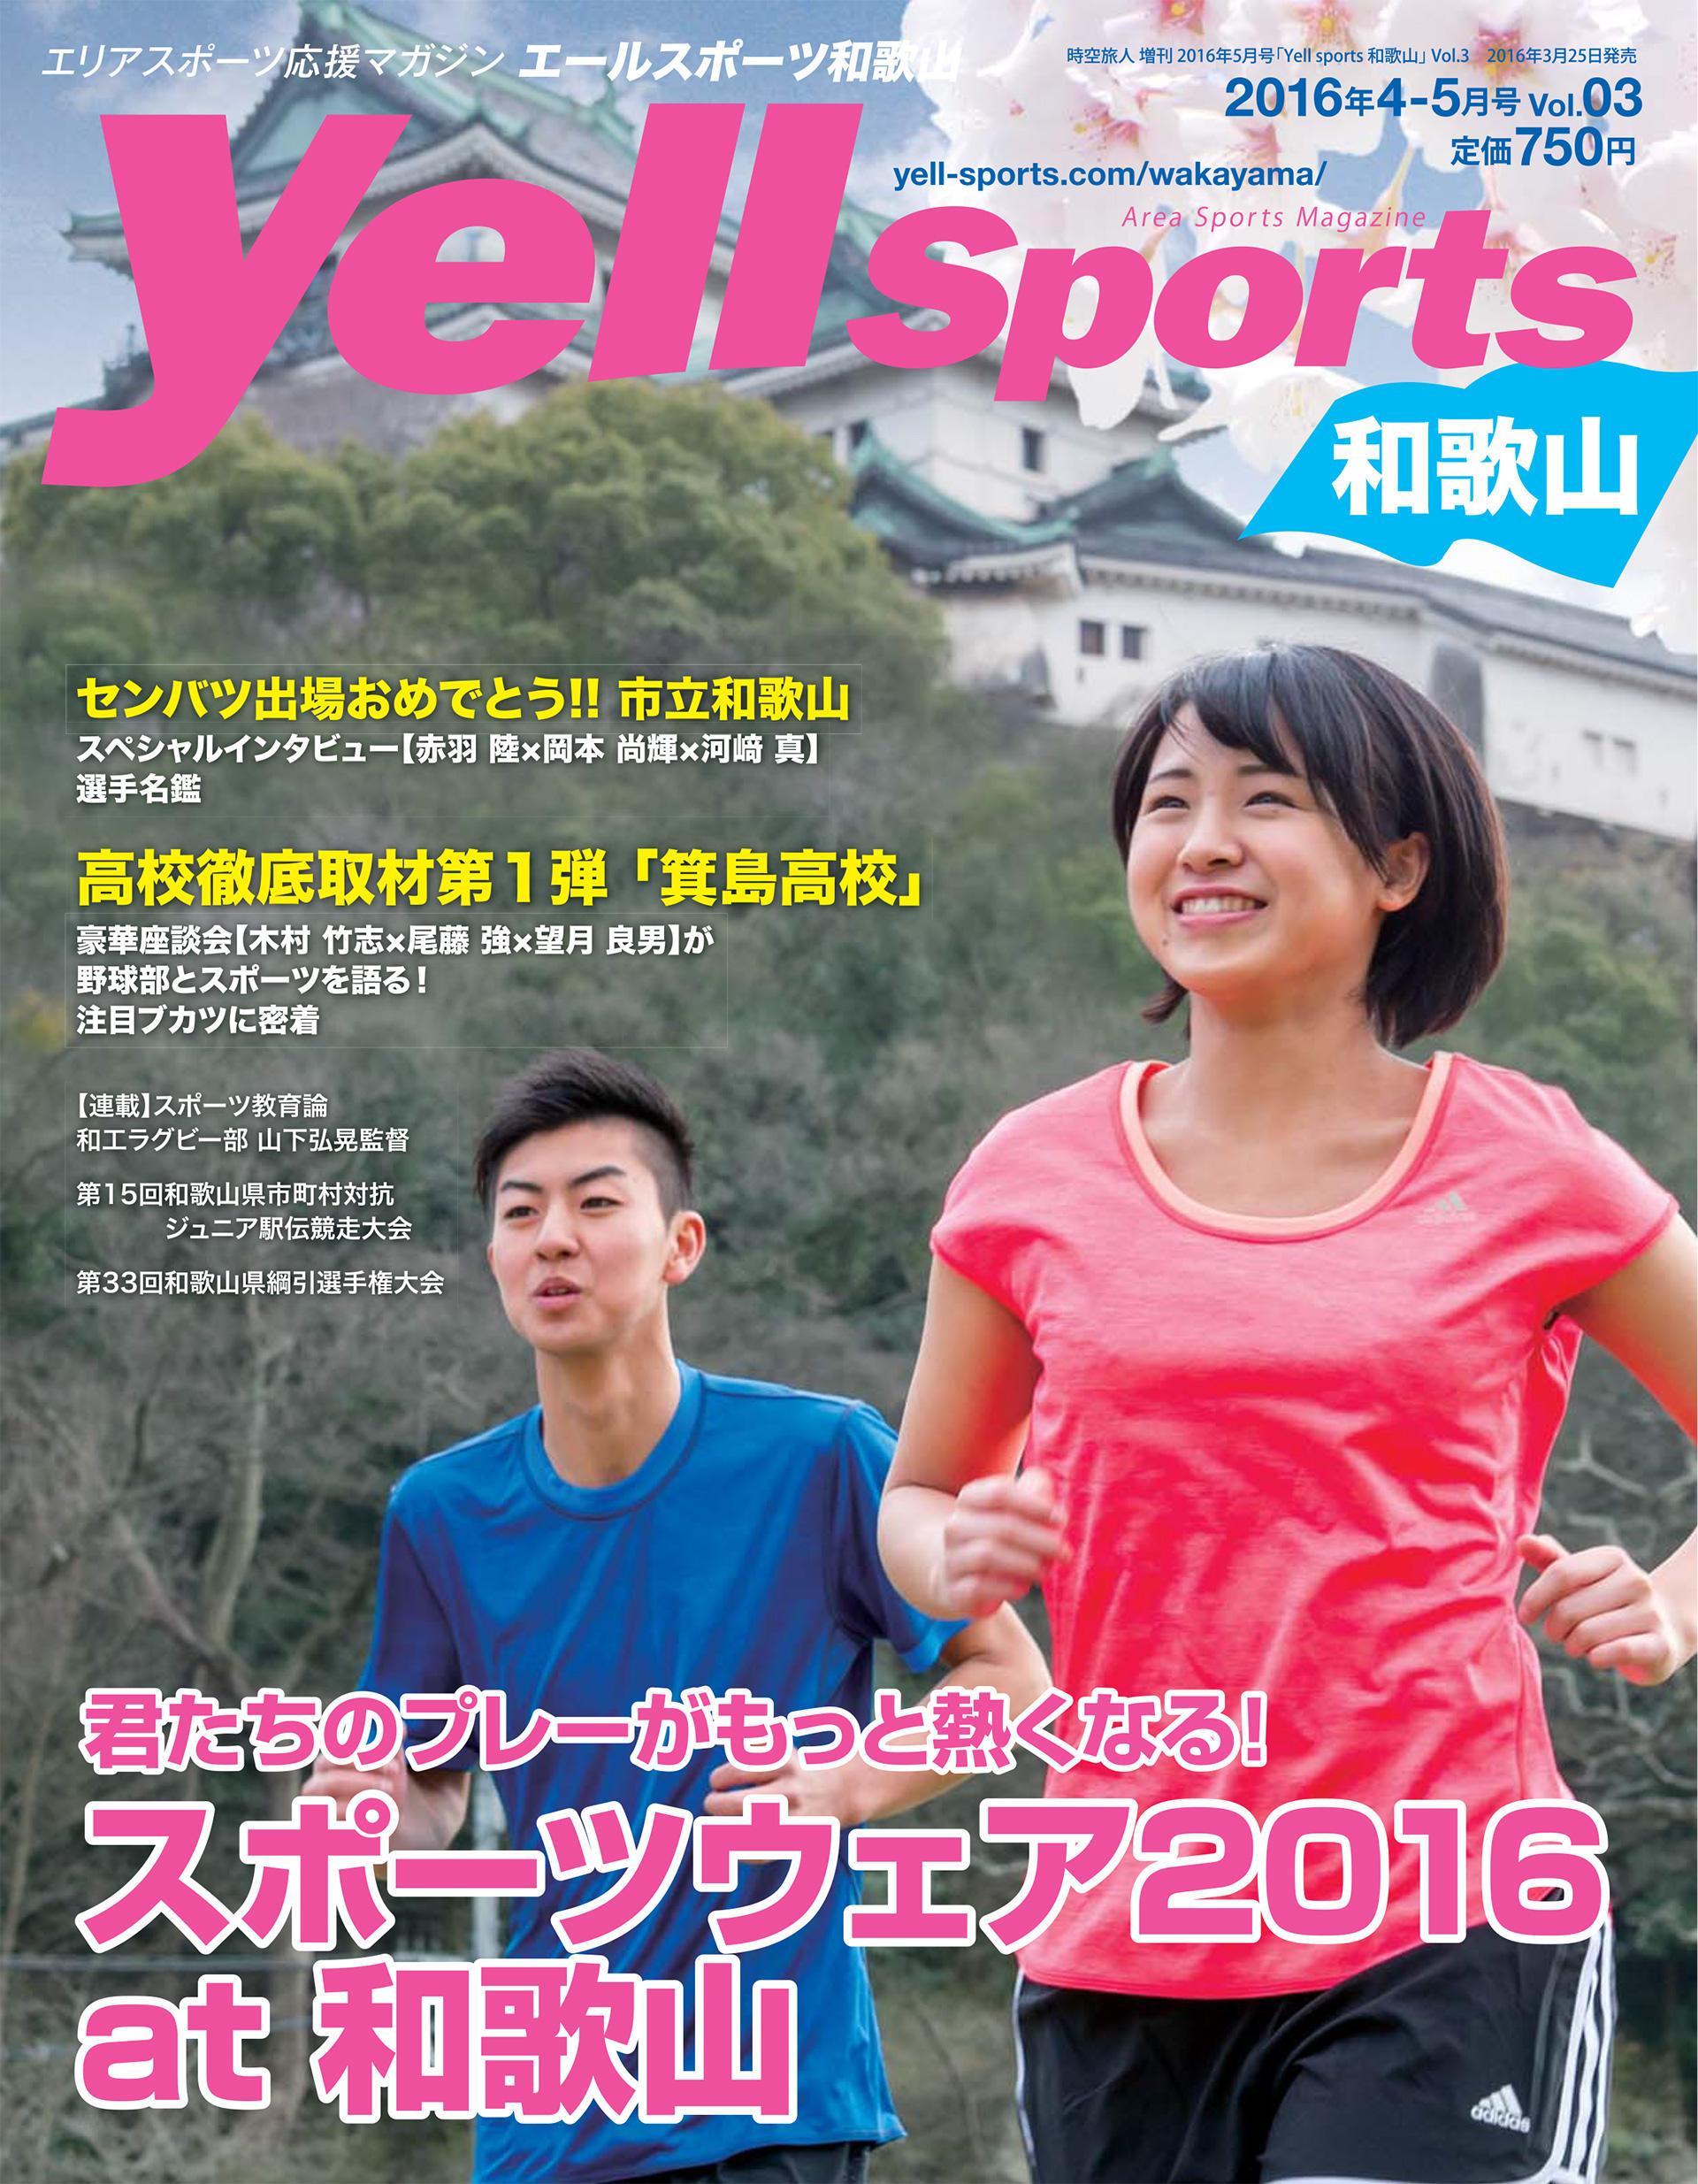 http://yell-sports.com/wakayama/article/2016/ysw_03_1.jpg